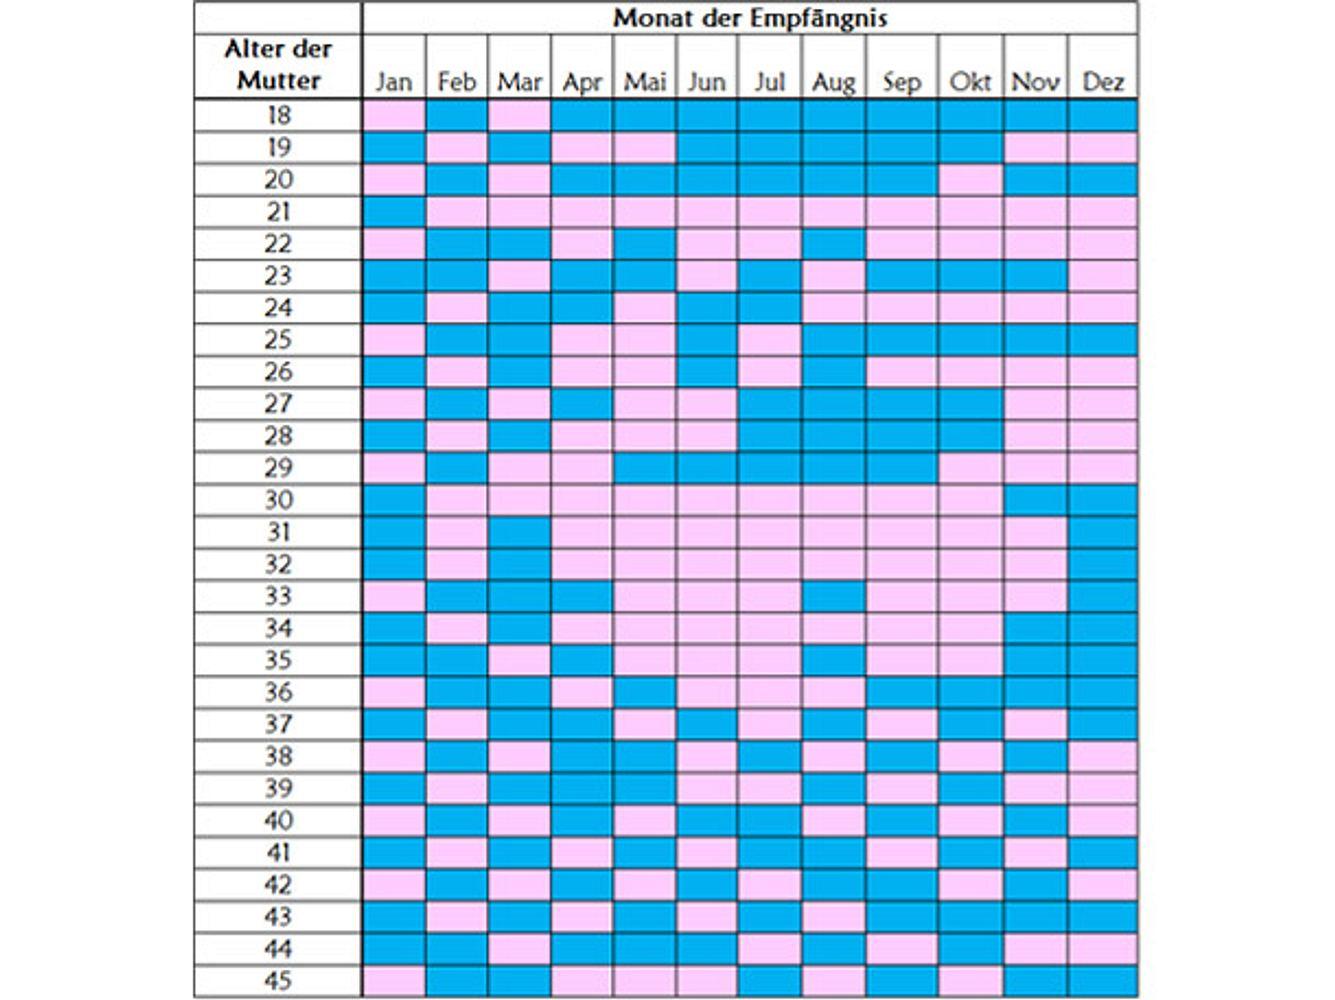 Chinesischer geschlecht kalender bestimmen Chinesischer Empfängniskalender: